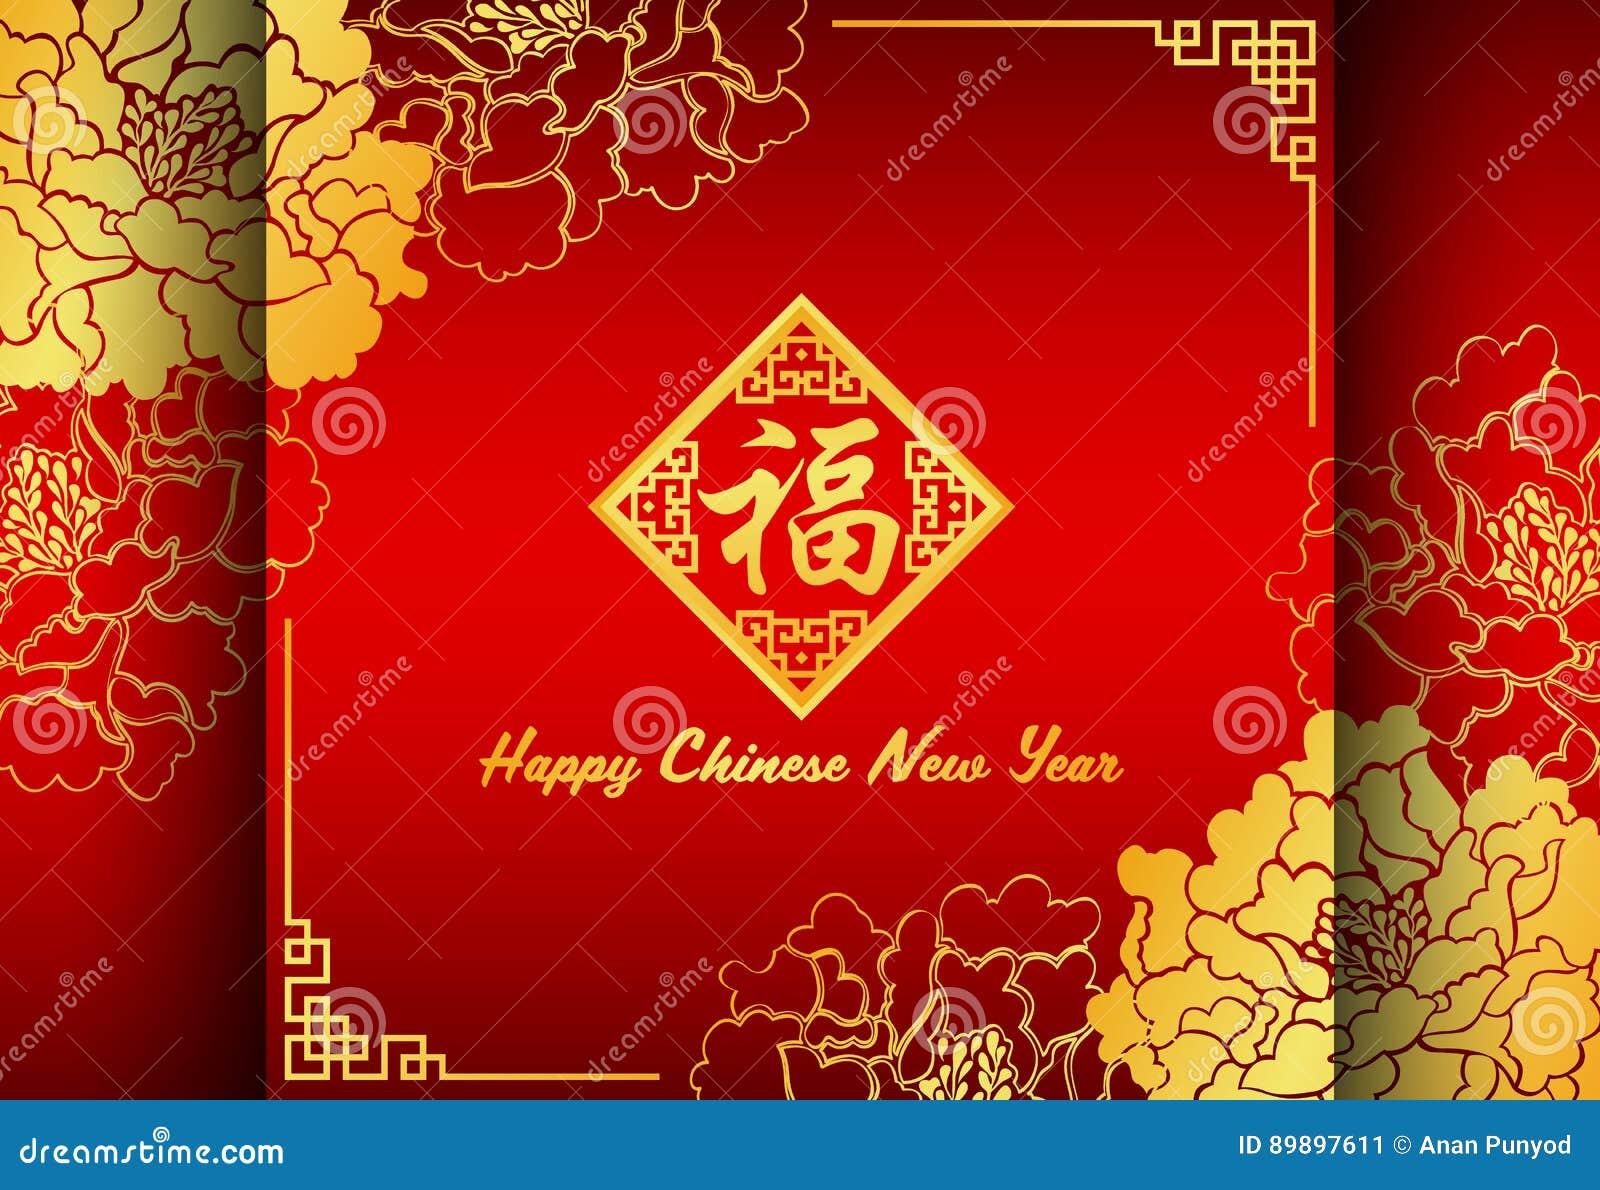 Cartão chinês feliz do ano novo - boa fortuna do meio chinês da palavra no projeto do vetor da arte do fundo do sumário da peônia